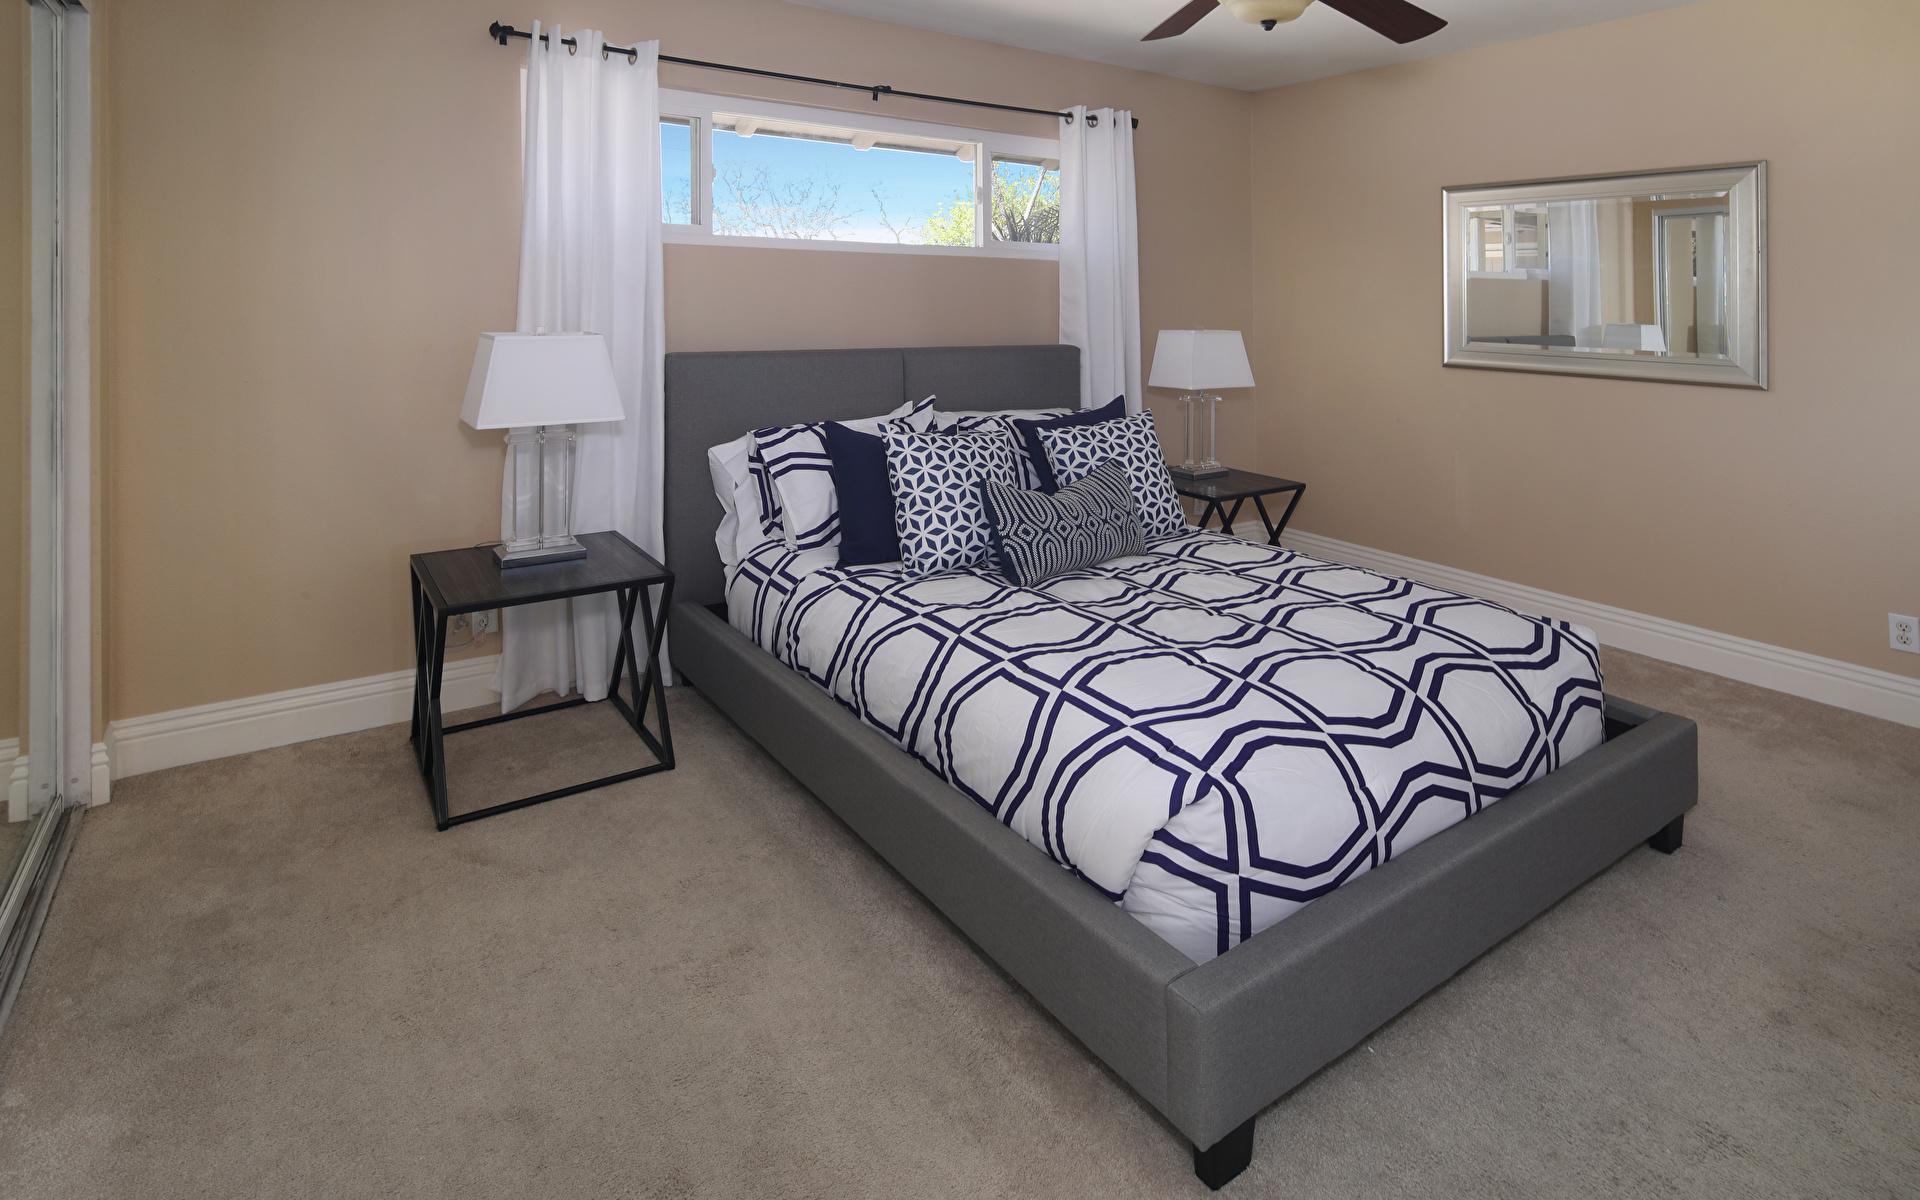 Картинка Спальня Интерьер Кровать Подушки Дизайн 1920x1200